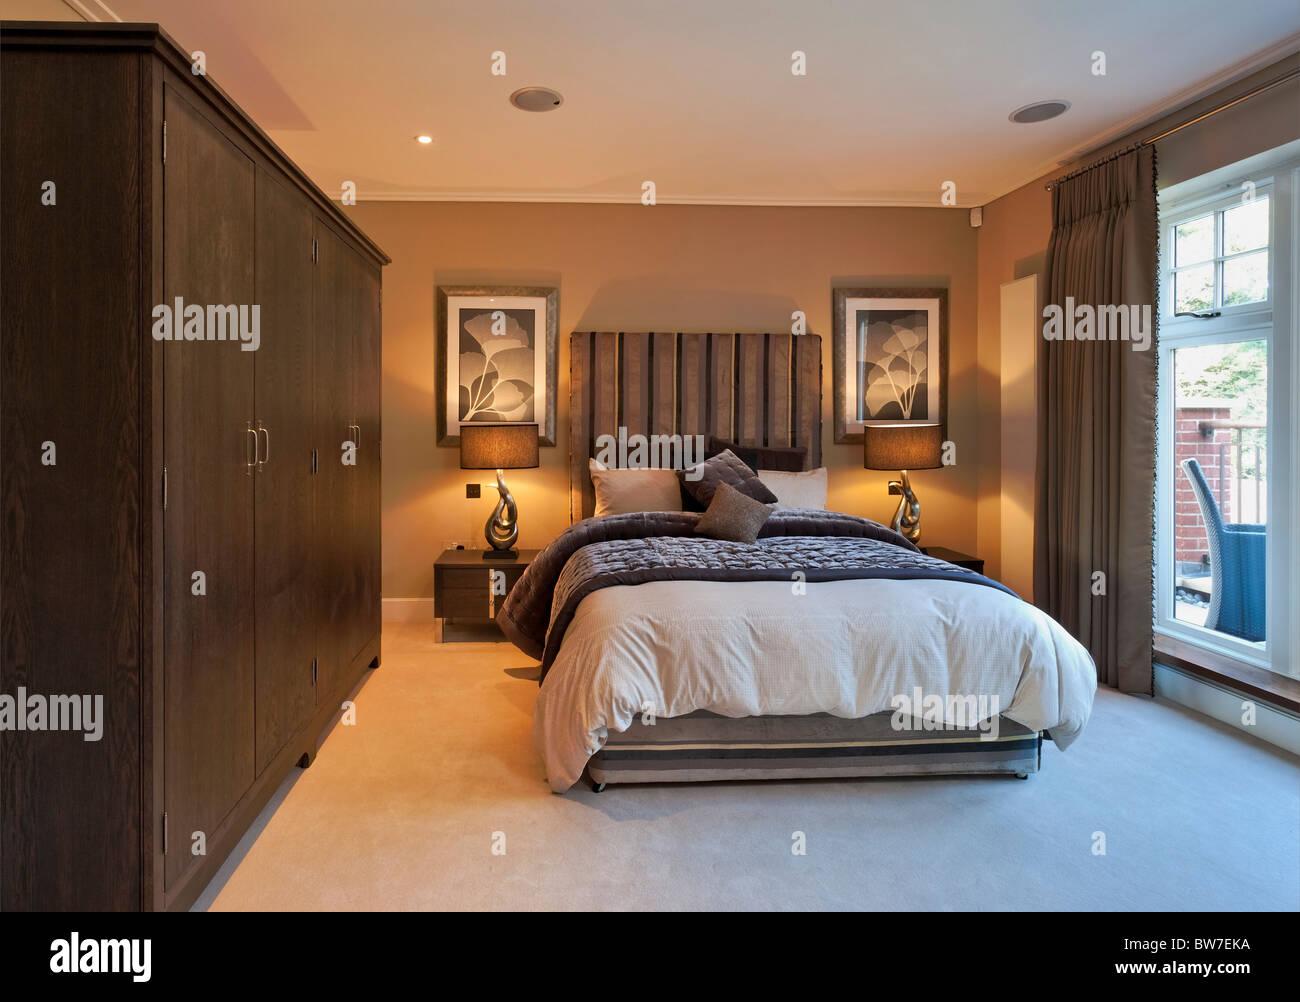 Chigwell Grange des logements de luxe dans l'Essex. Photo Stock